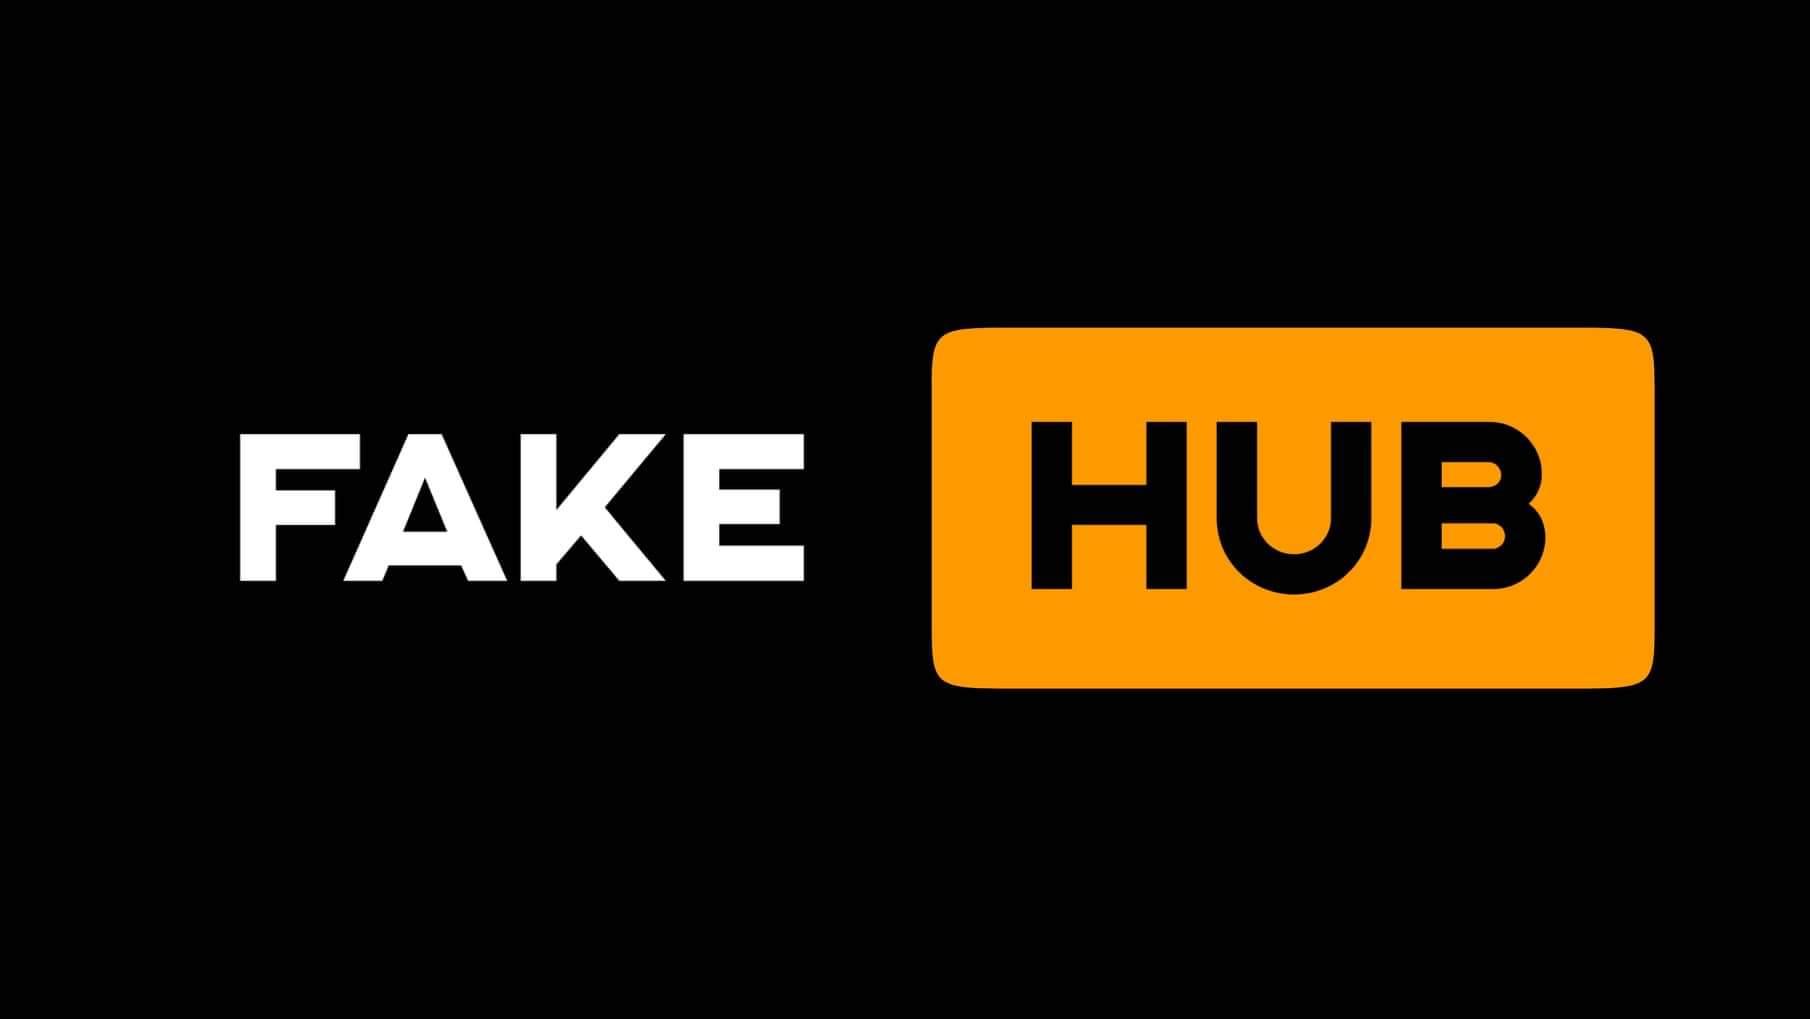 fake-hub-fake-taxi